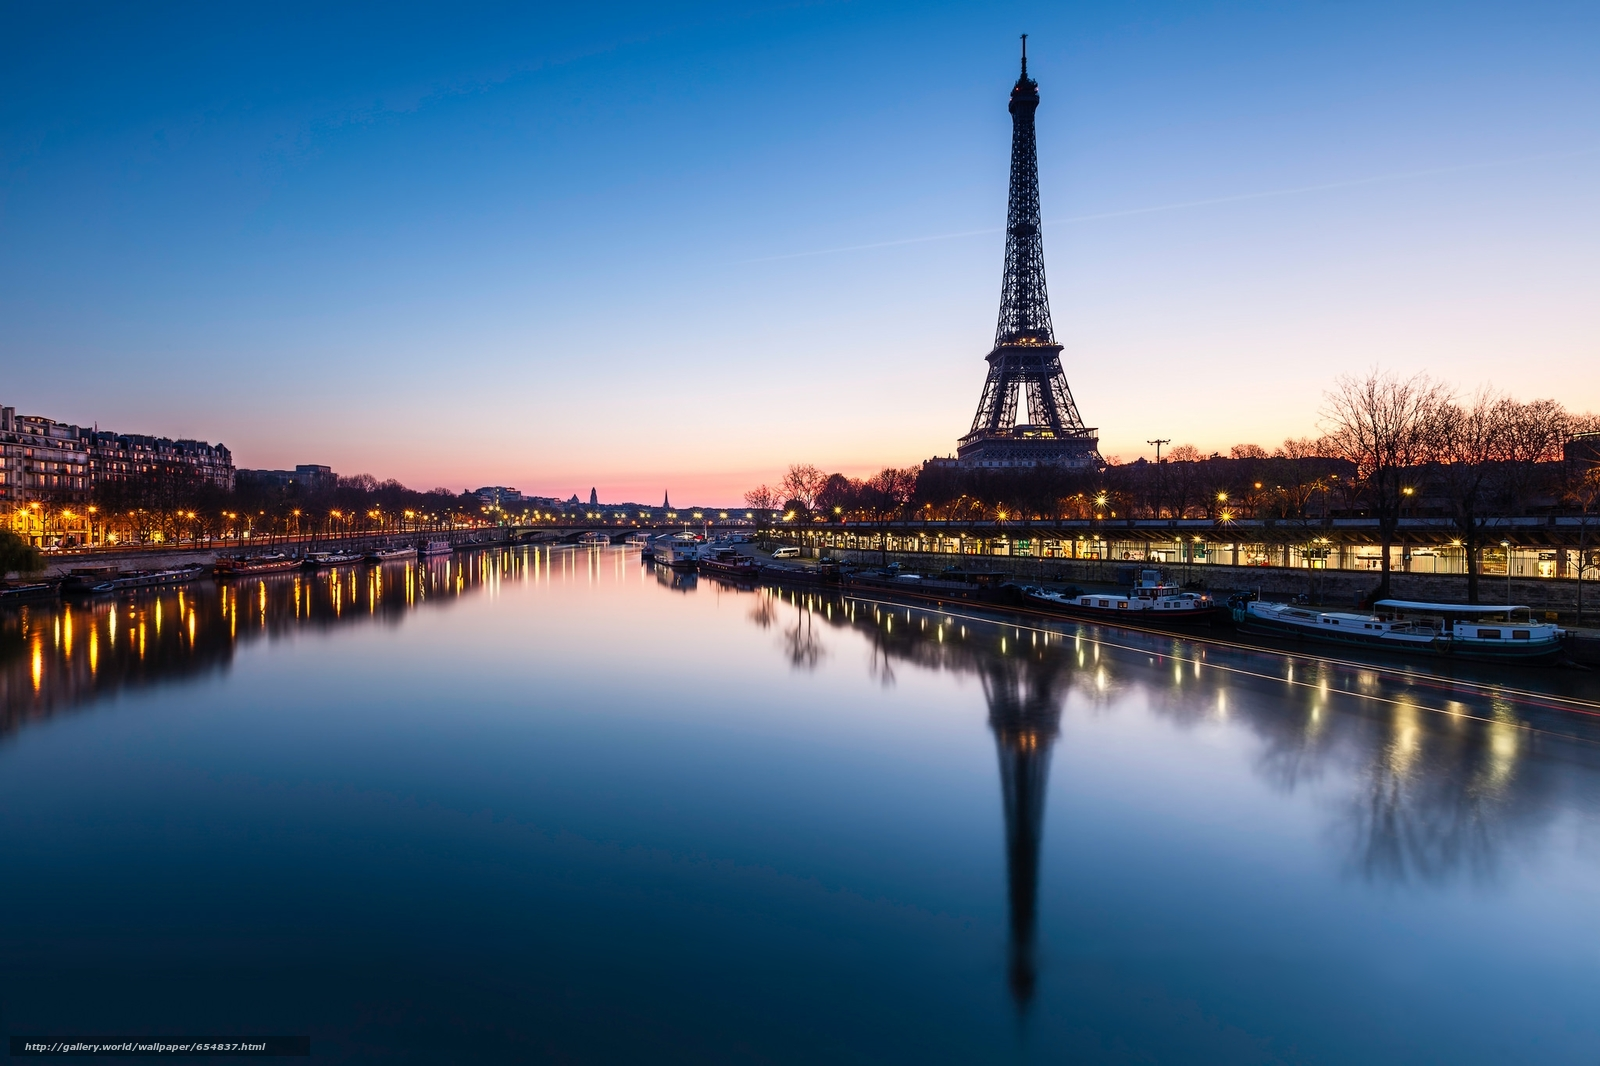 Скачать обои Eiffel Tower,  Paris,  France,  Эйфелева башня бесплатно для рабочего стола в разрешении 2048x1365 — картинка №654837